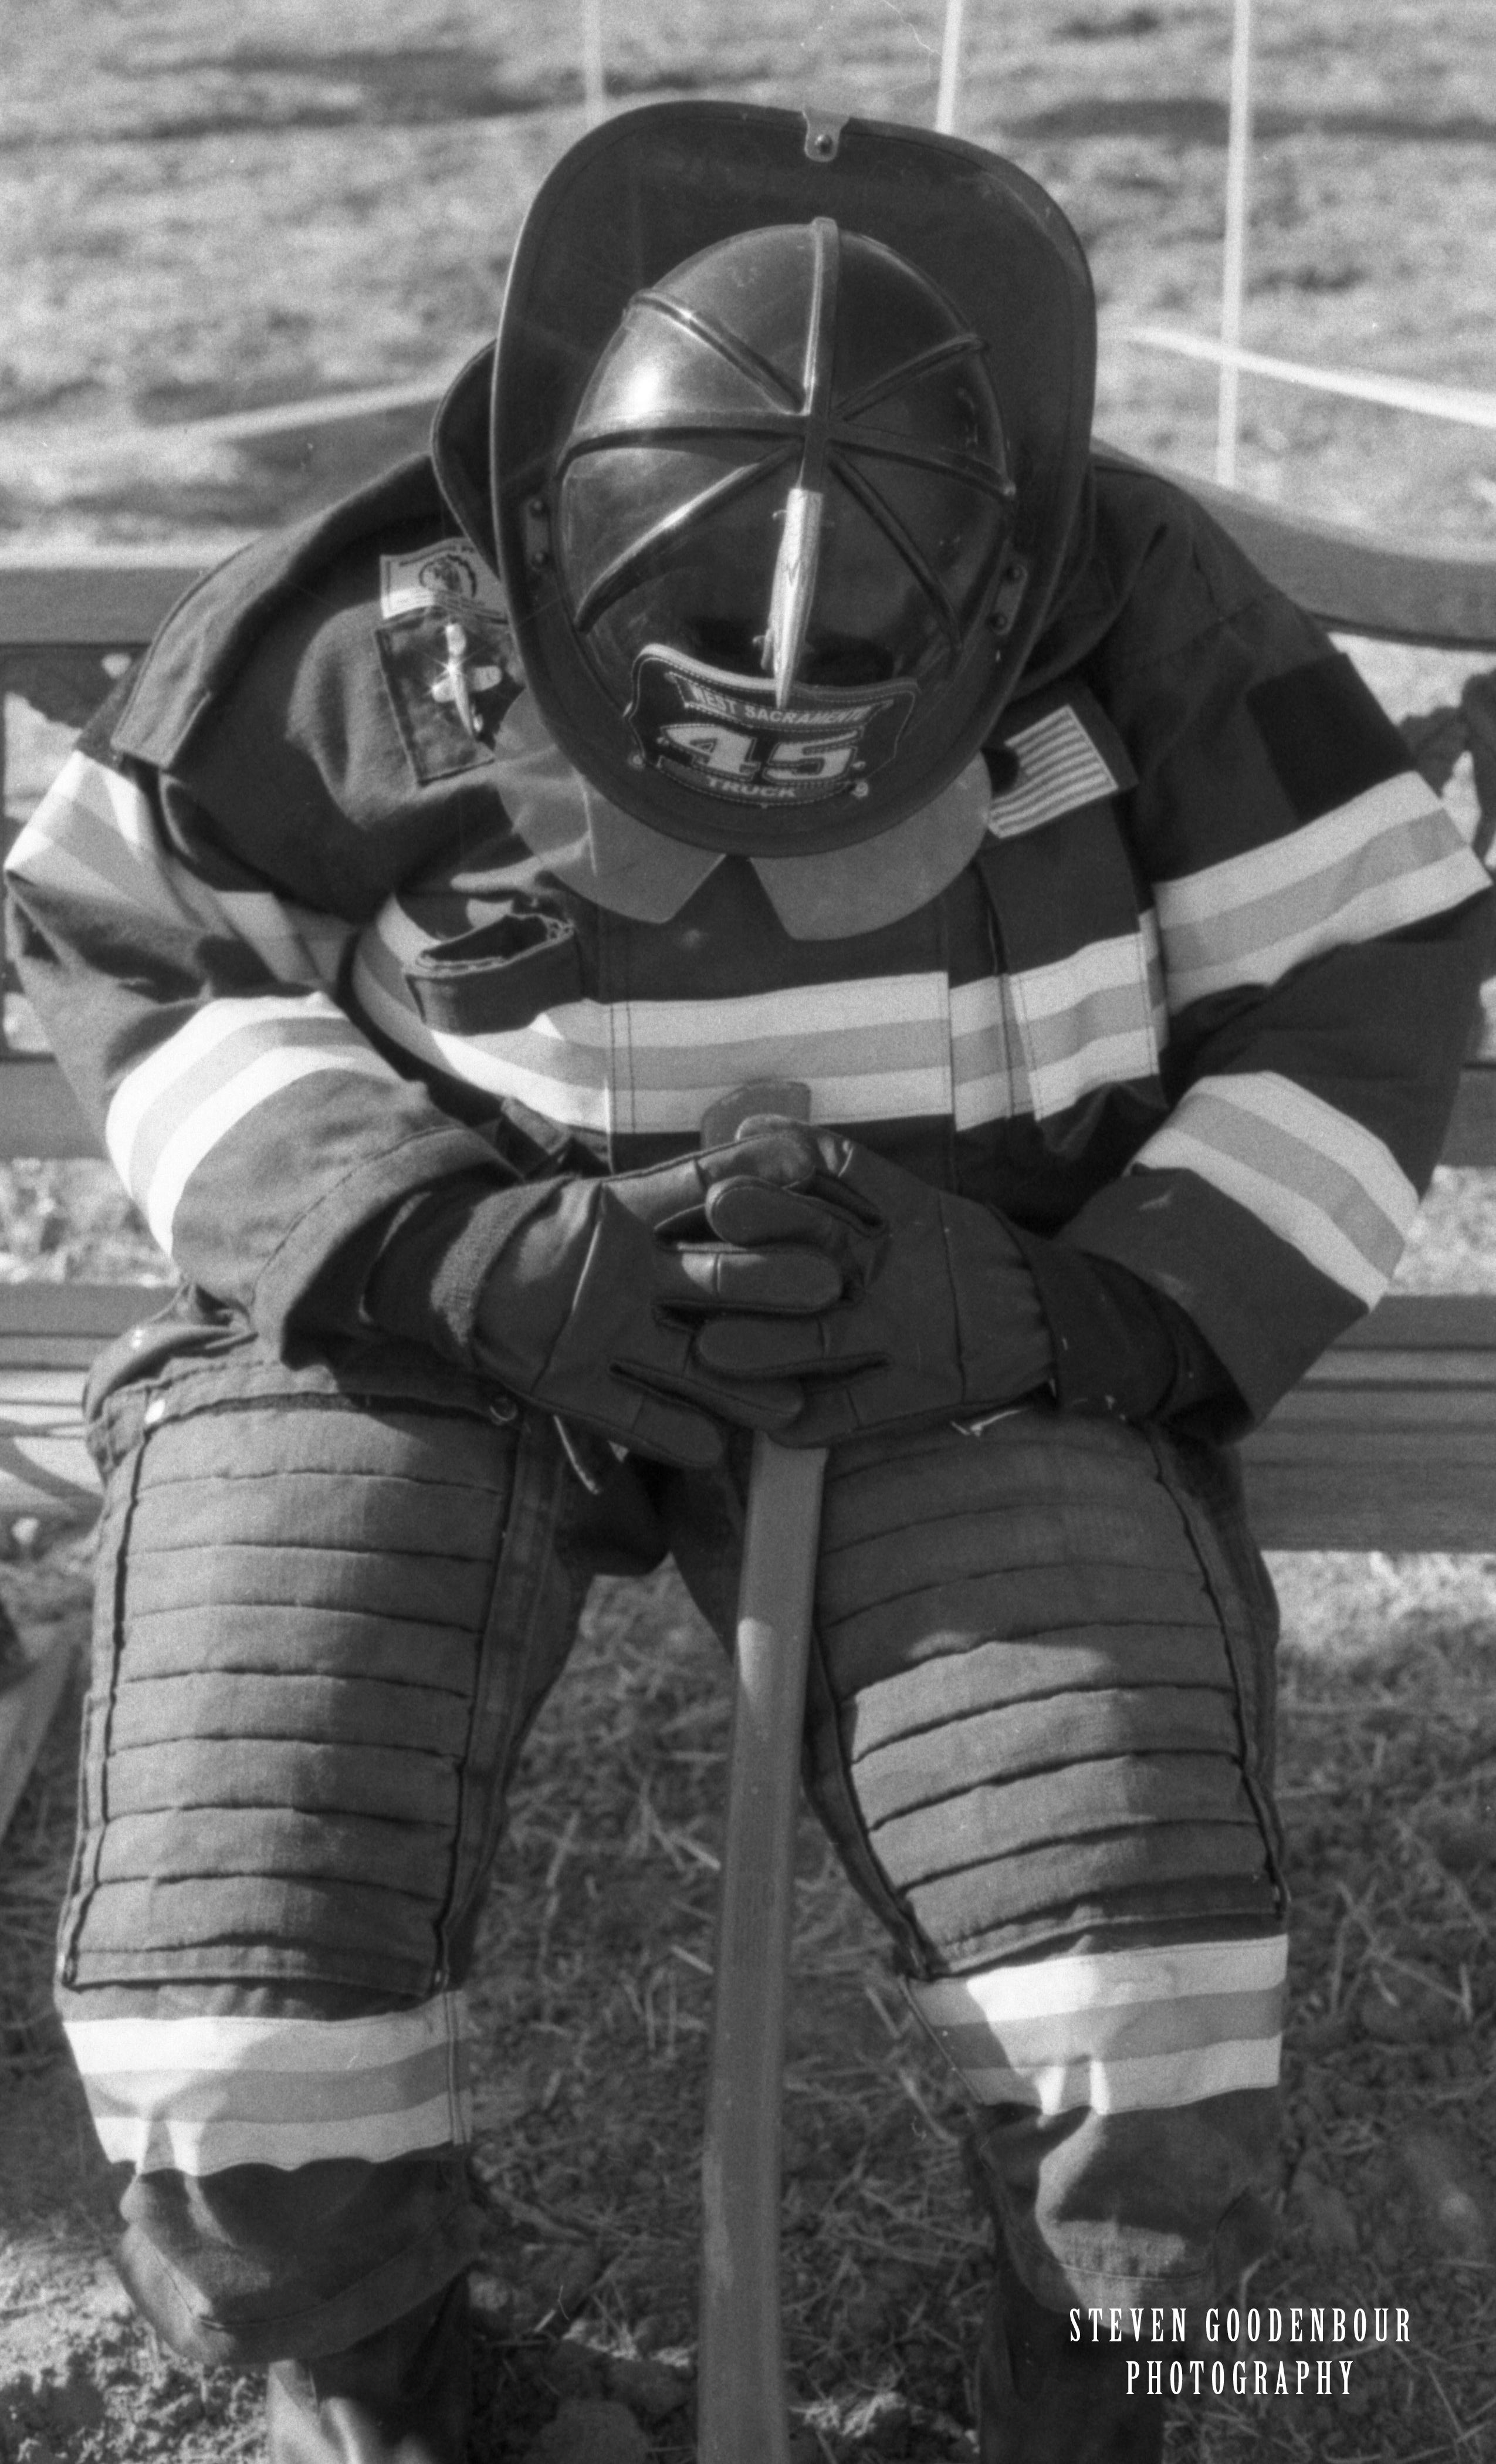 Firefighter Steven Goodenbour Photography